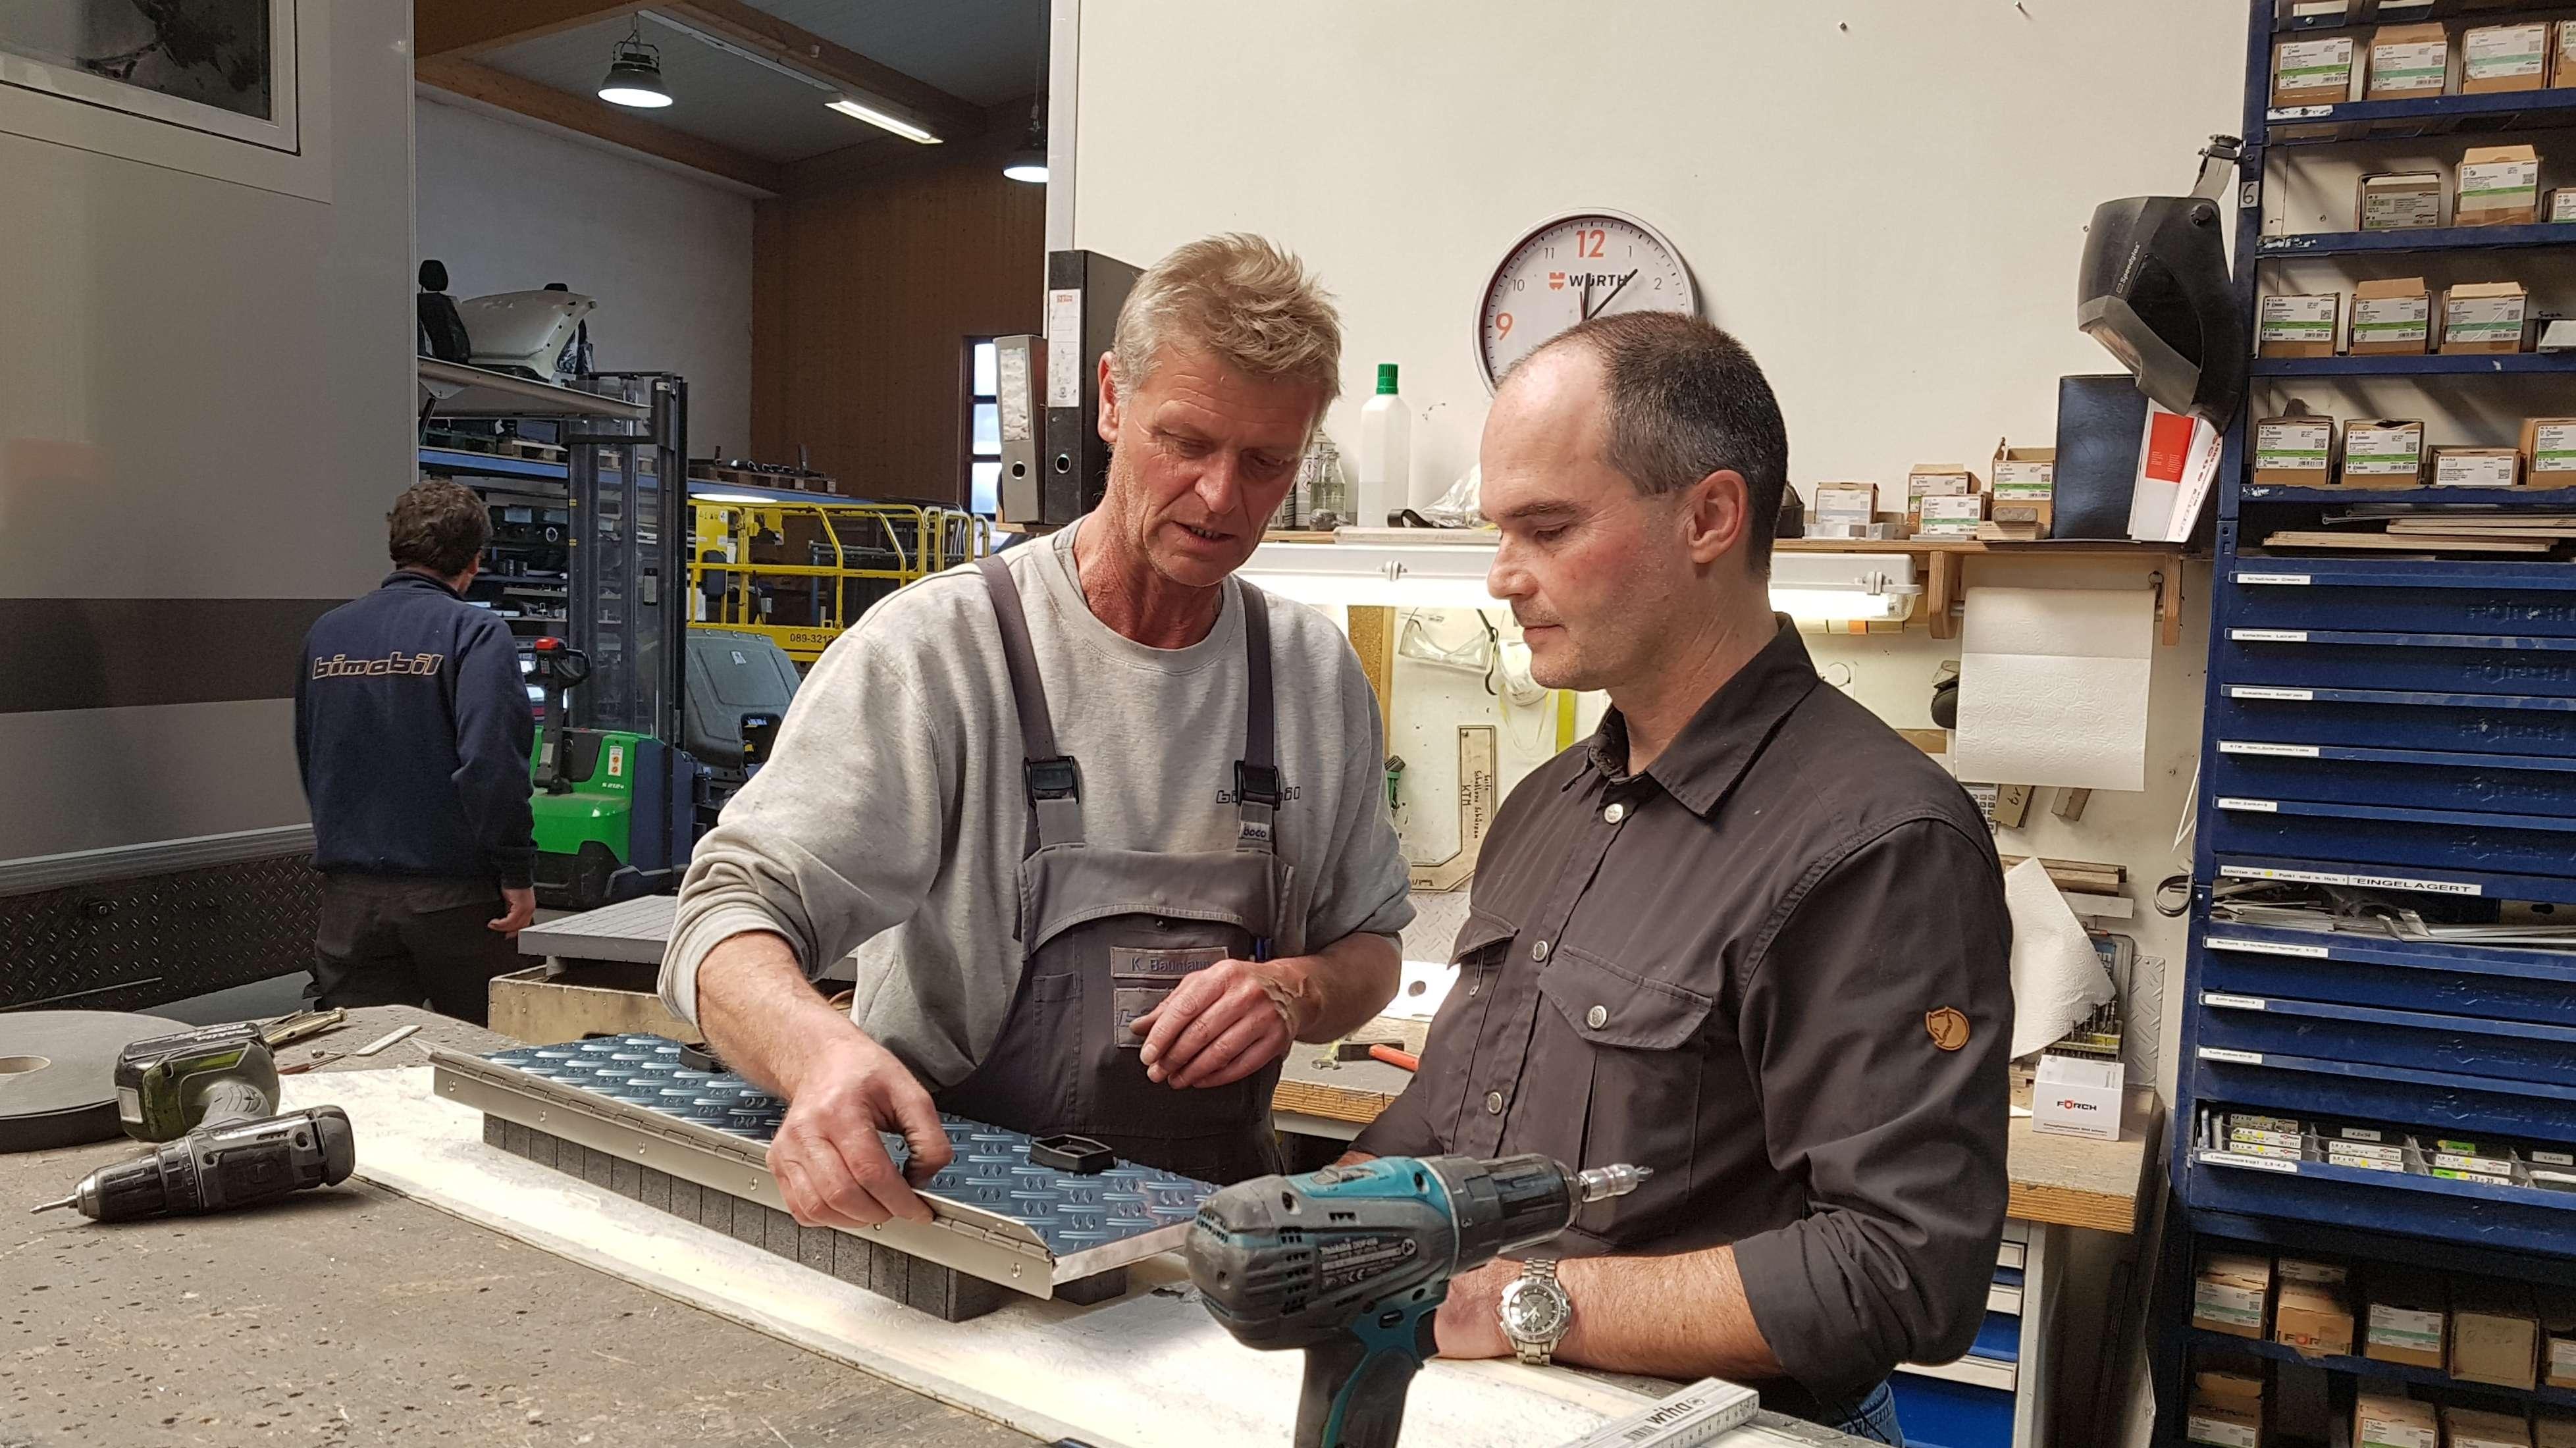 Stefan Christner hat als Werkstattleiter in der Wohnmobil-Firma seiner Tante angefangen. Heute ist er Geschäftsführer.